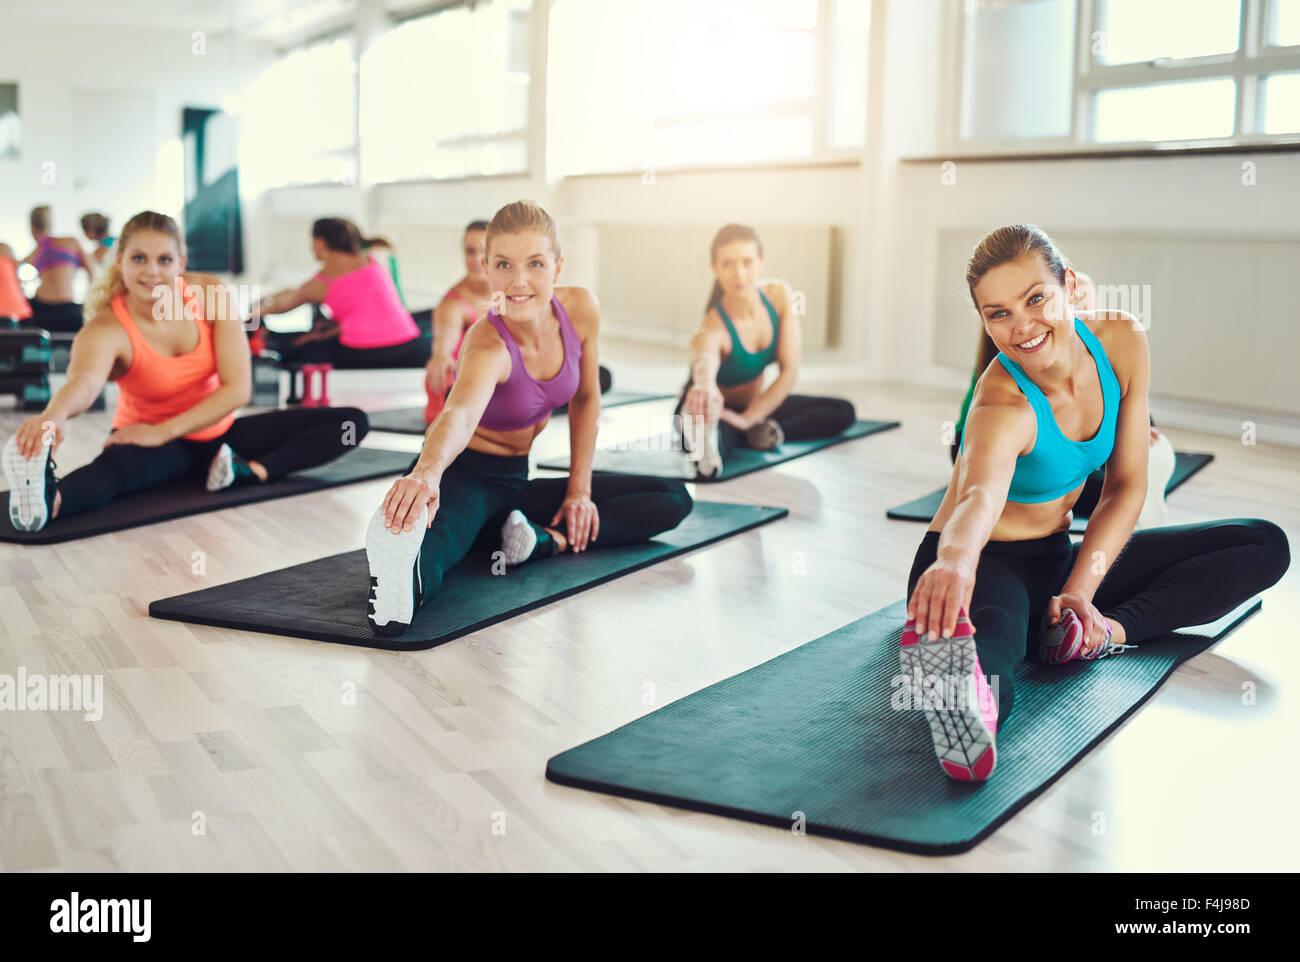 ... di giovani donne in classi di aerobica presso la palestra facendo  esercizi di stretching per tonificare i muscoli in una salute e concetto di  fitness c610be30319